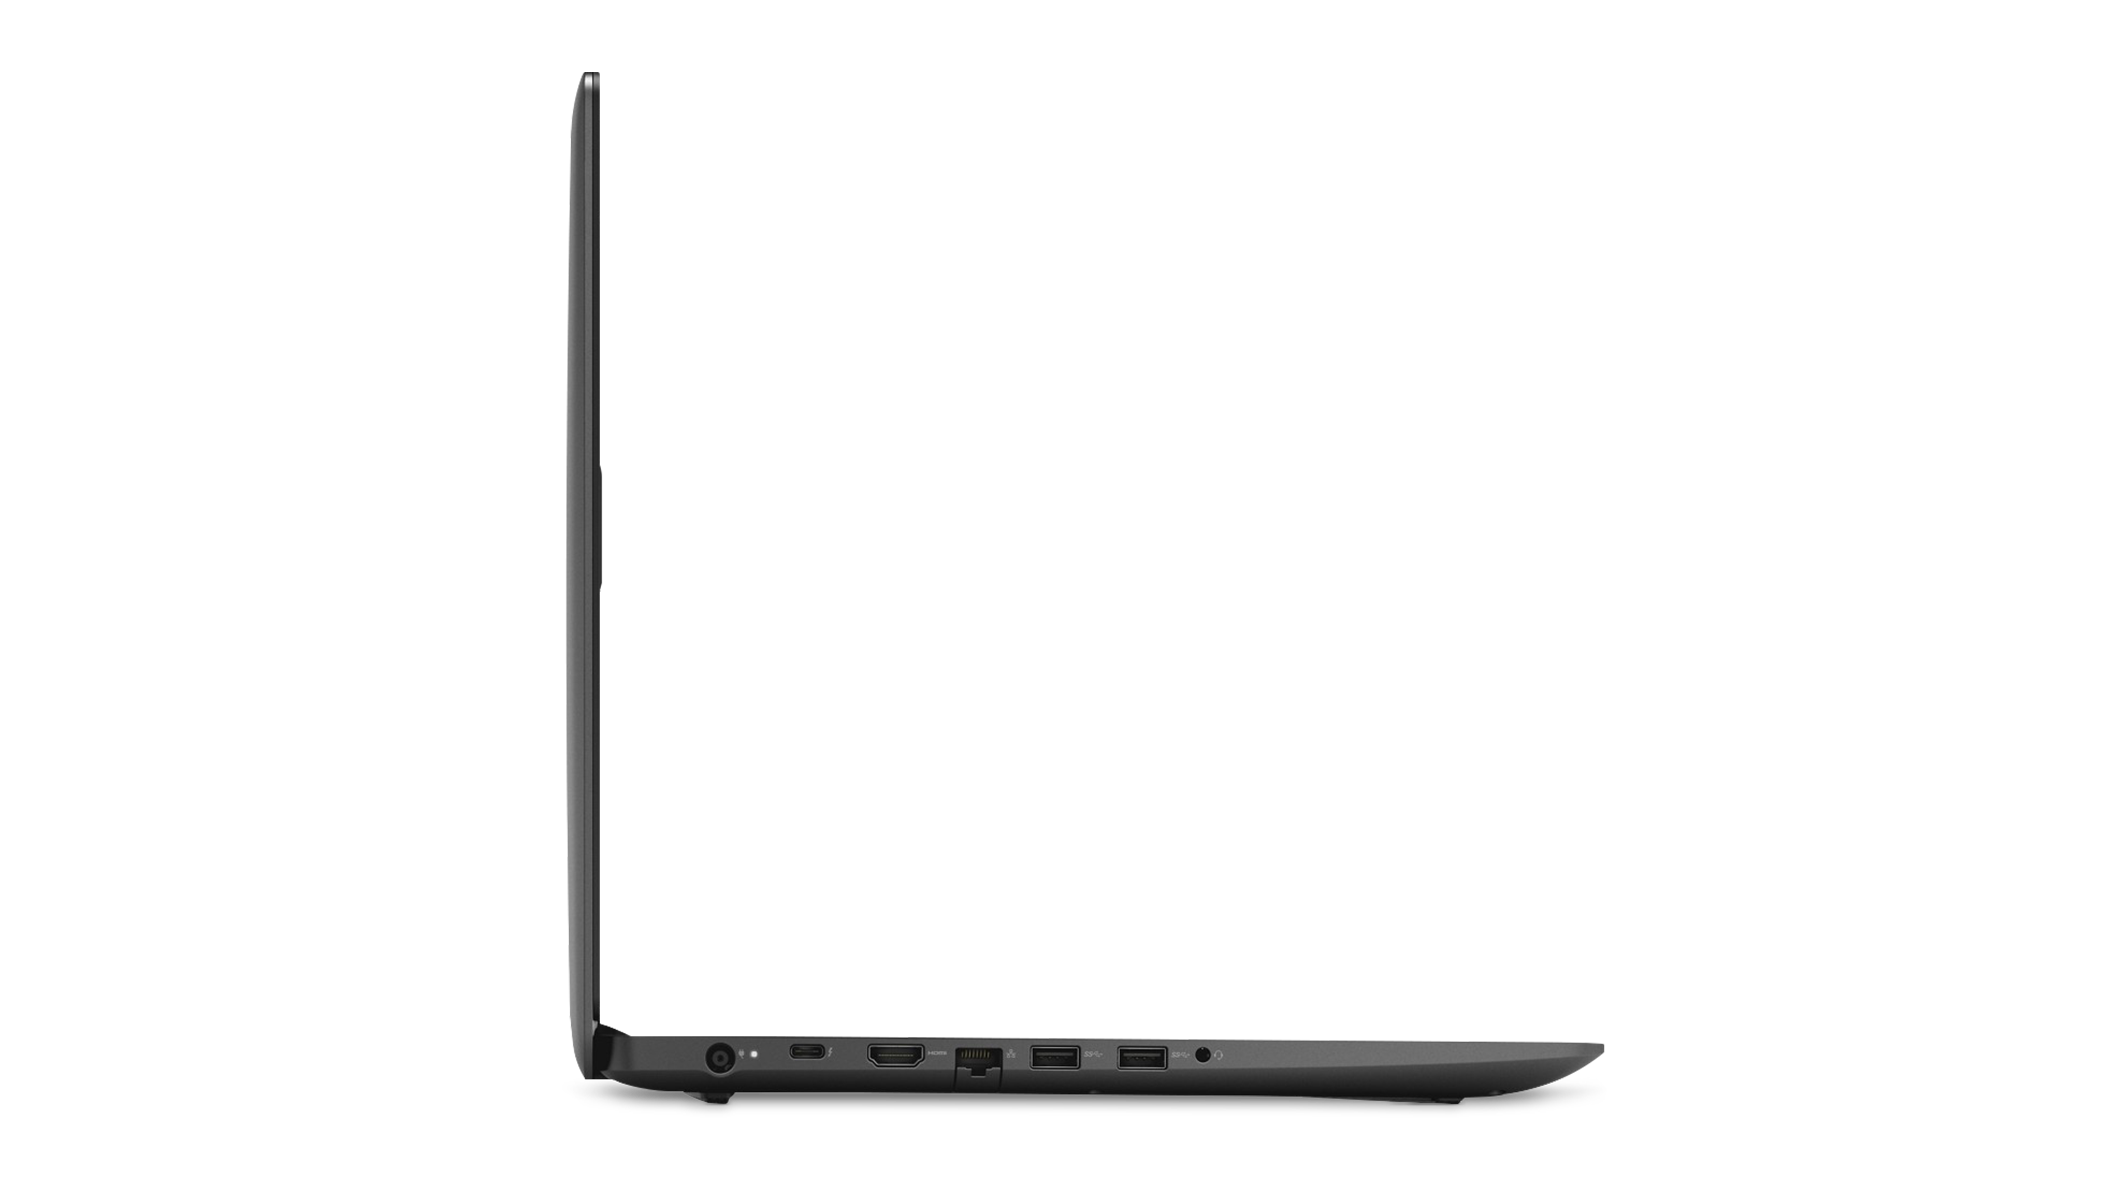 Vue de droite de l'ordinateur portatif de jeu Dell Inspiron